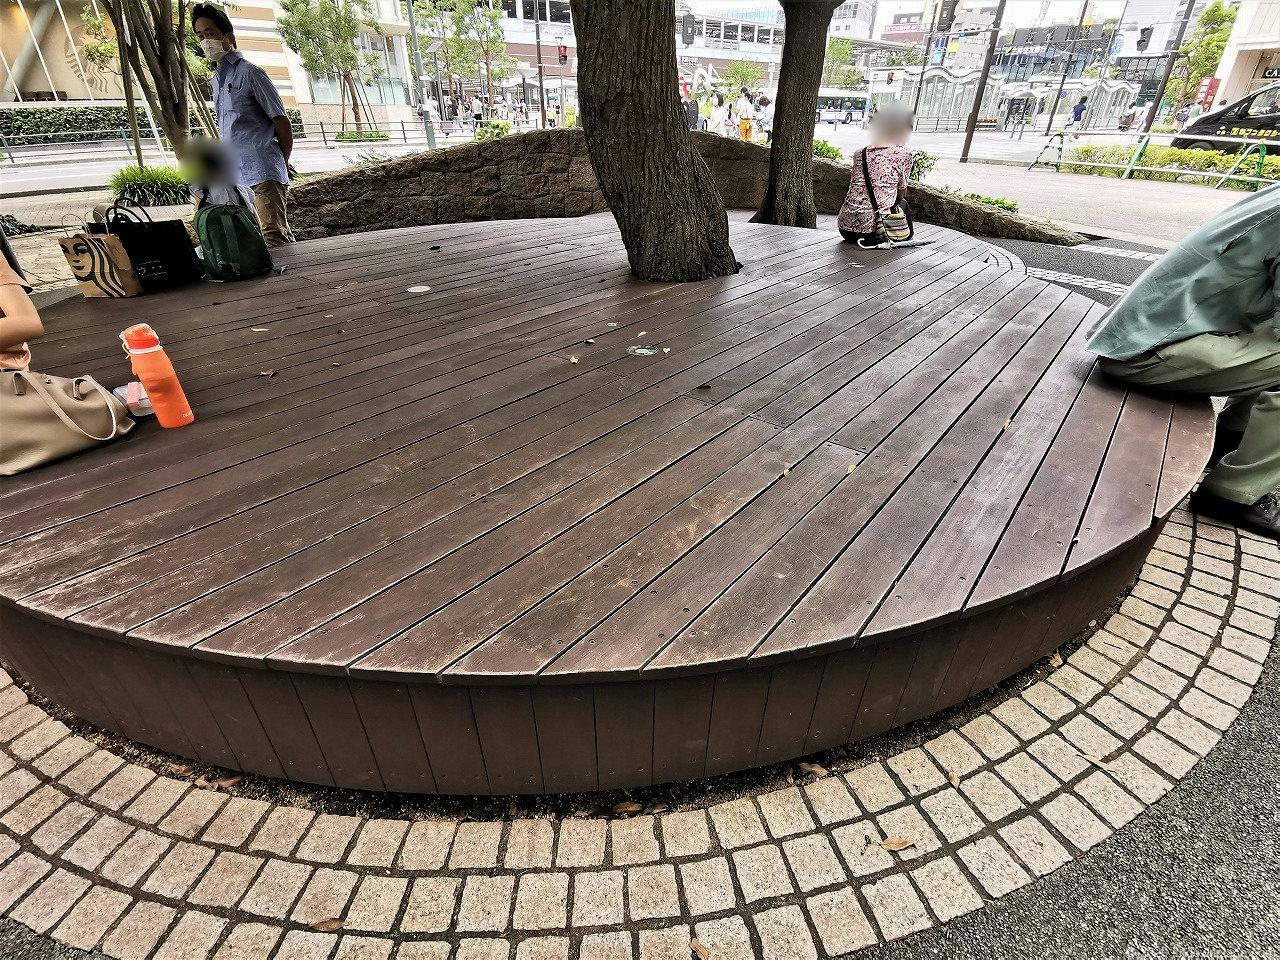 武蔵小杉 ミッドスカイタワー 波紋の広場の休憩場所の木製ベンチ